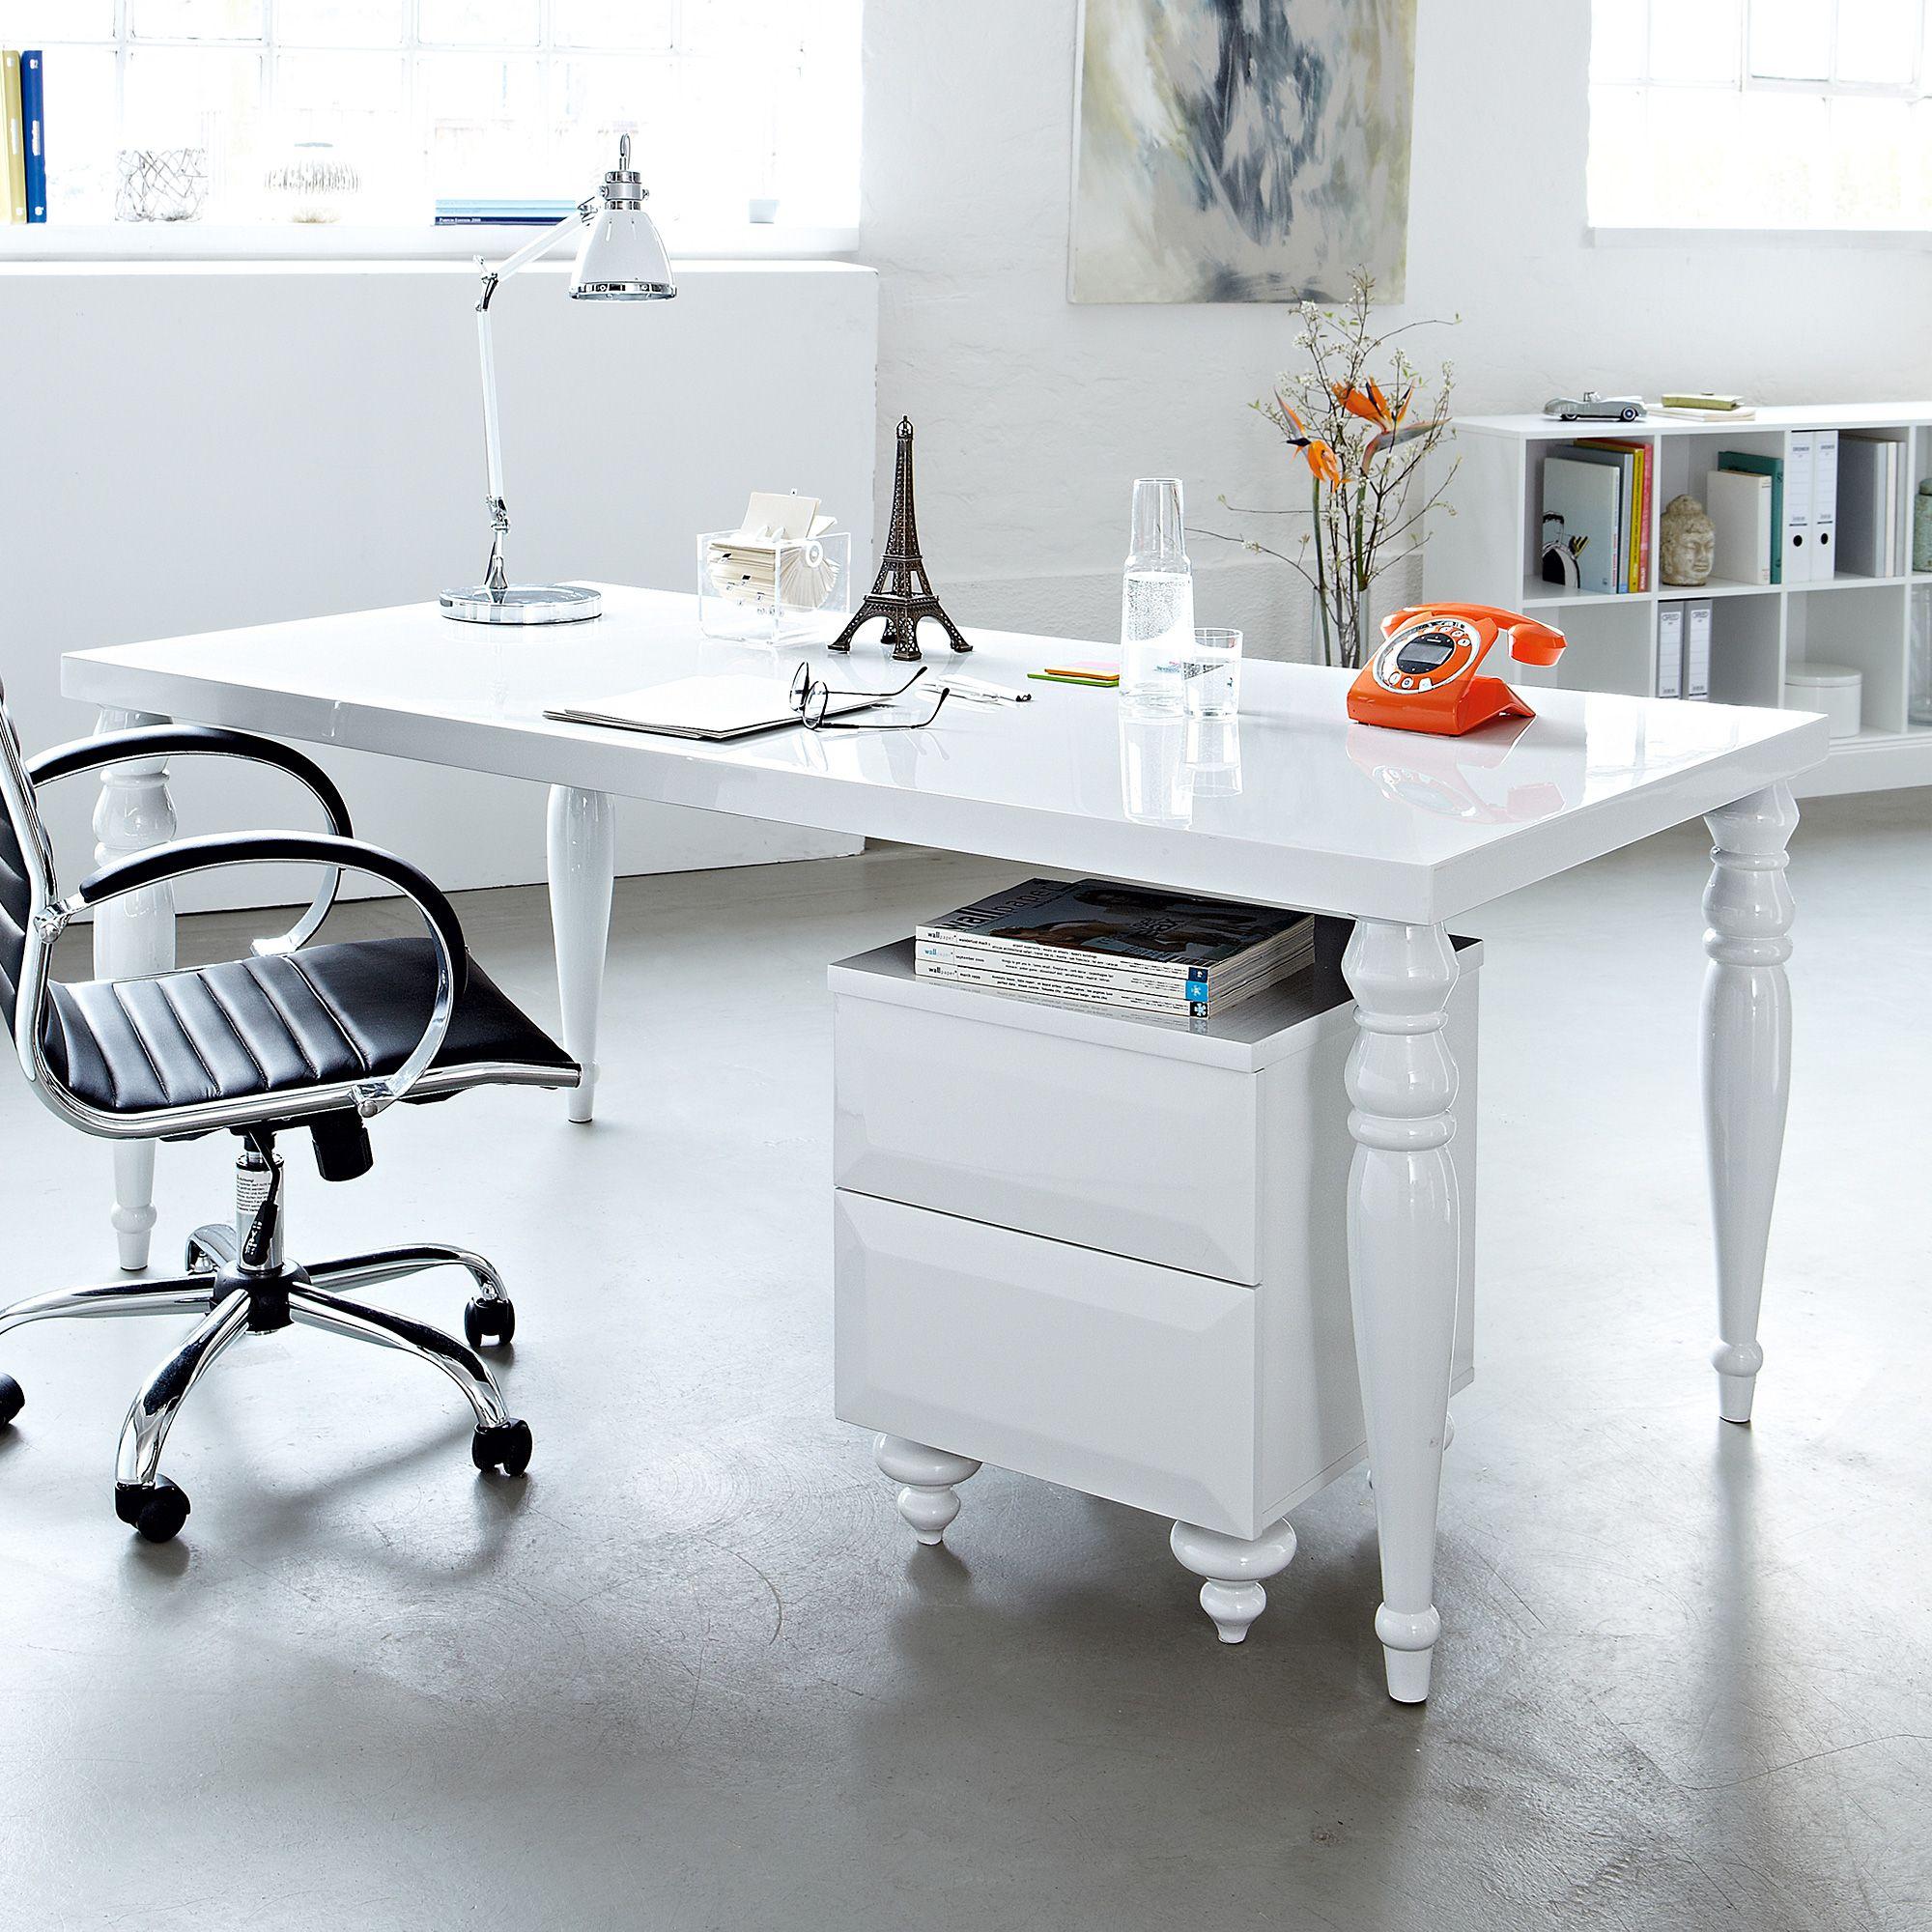 schreibtisch splendor im schneider online shop workplace pinterest schreibtisch tisch. Black Bedroom Furniture Sets. Home Design Ideas